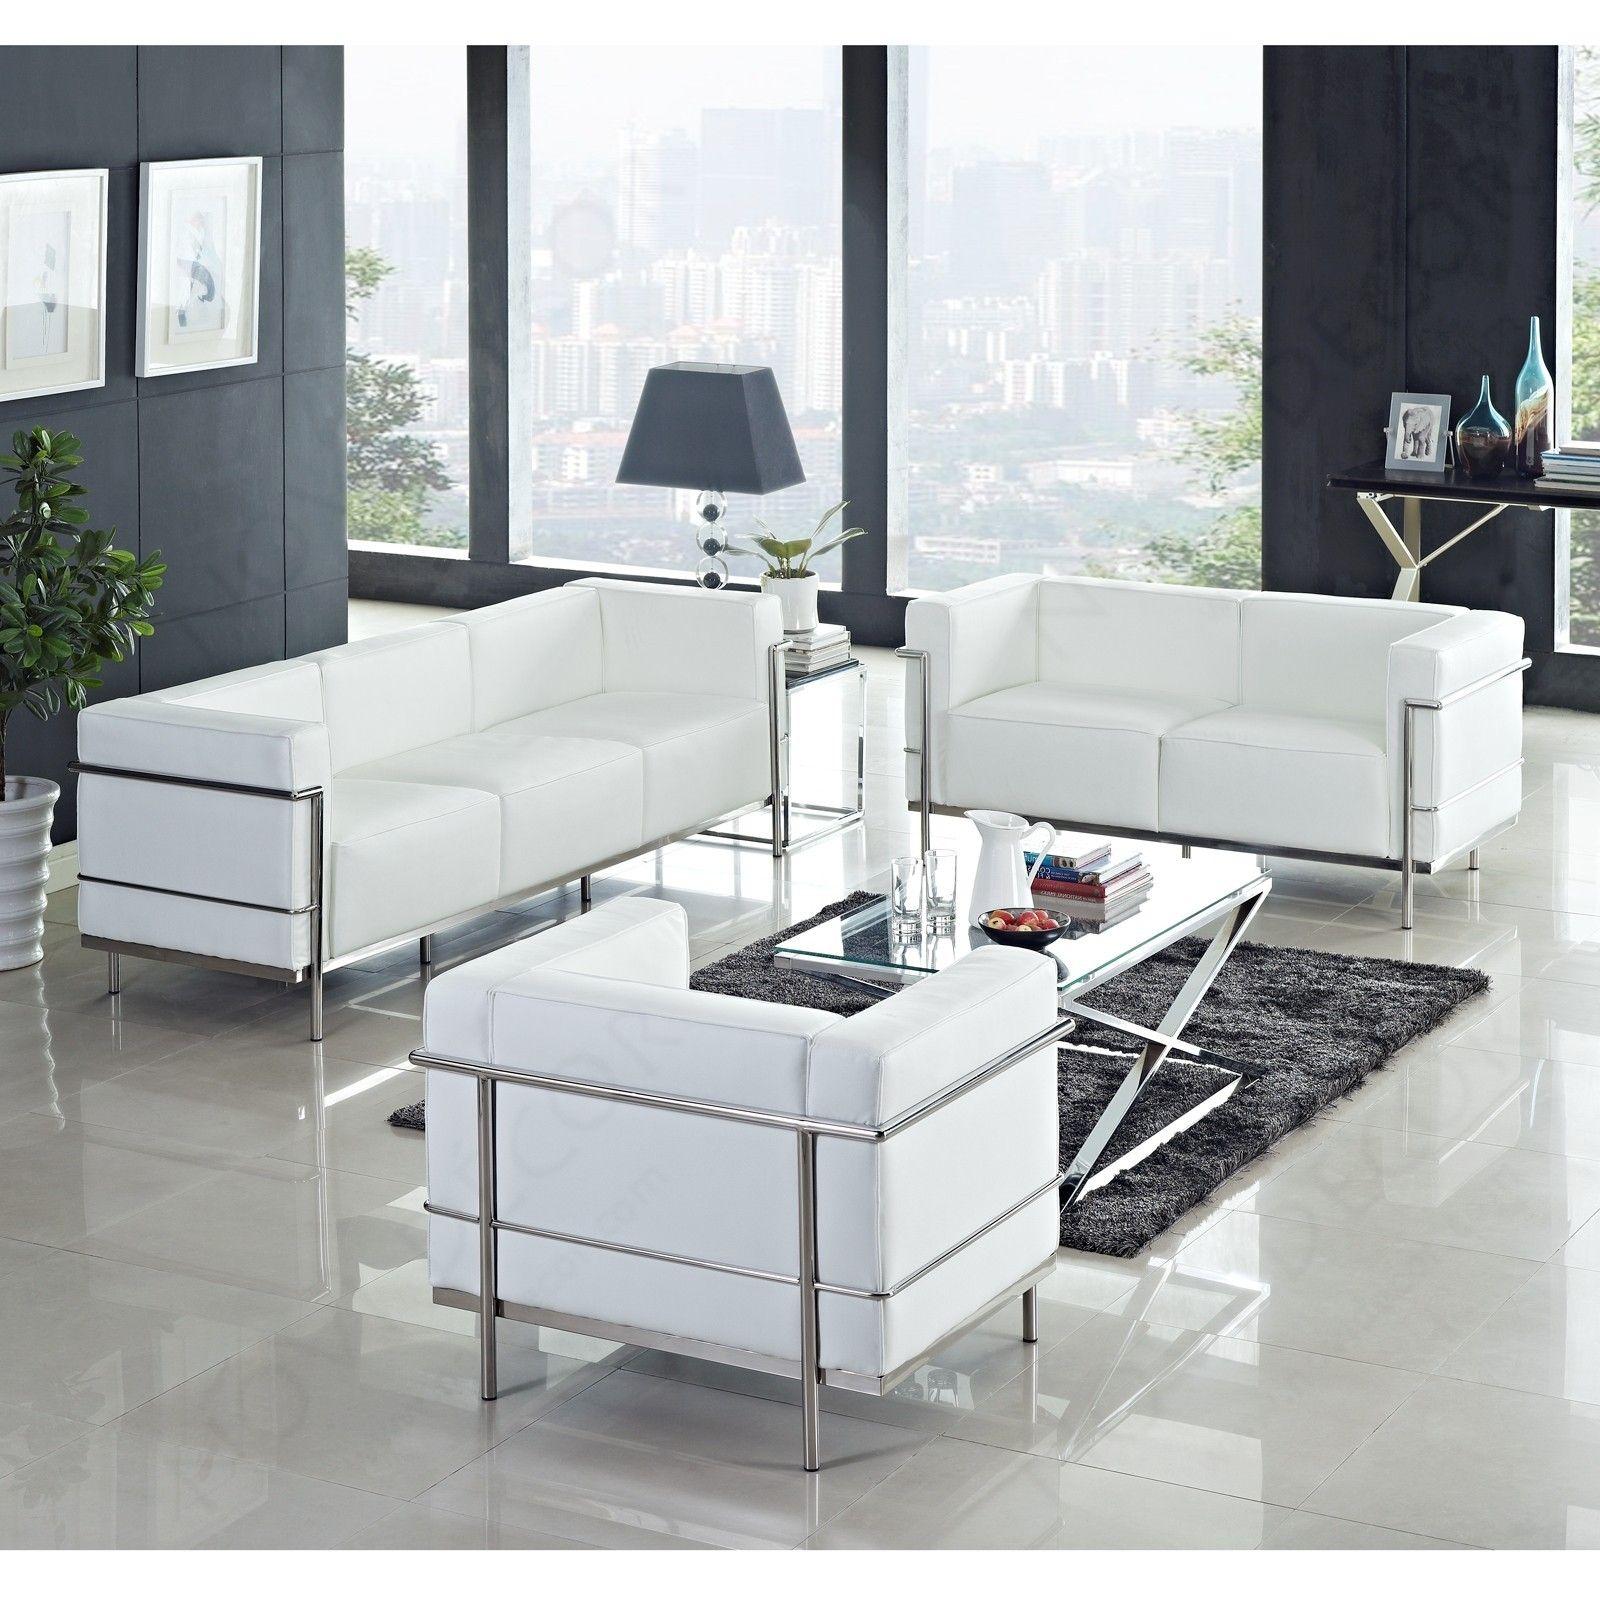 le_corbusier_lc3_sofa | Mini-Interiors | Pinterest | Le corbusier ...